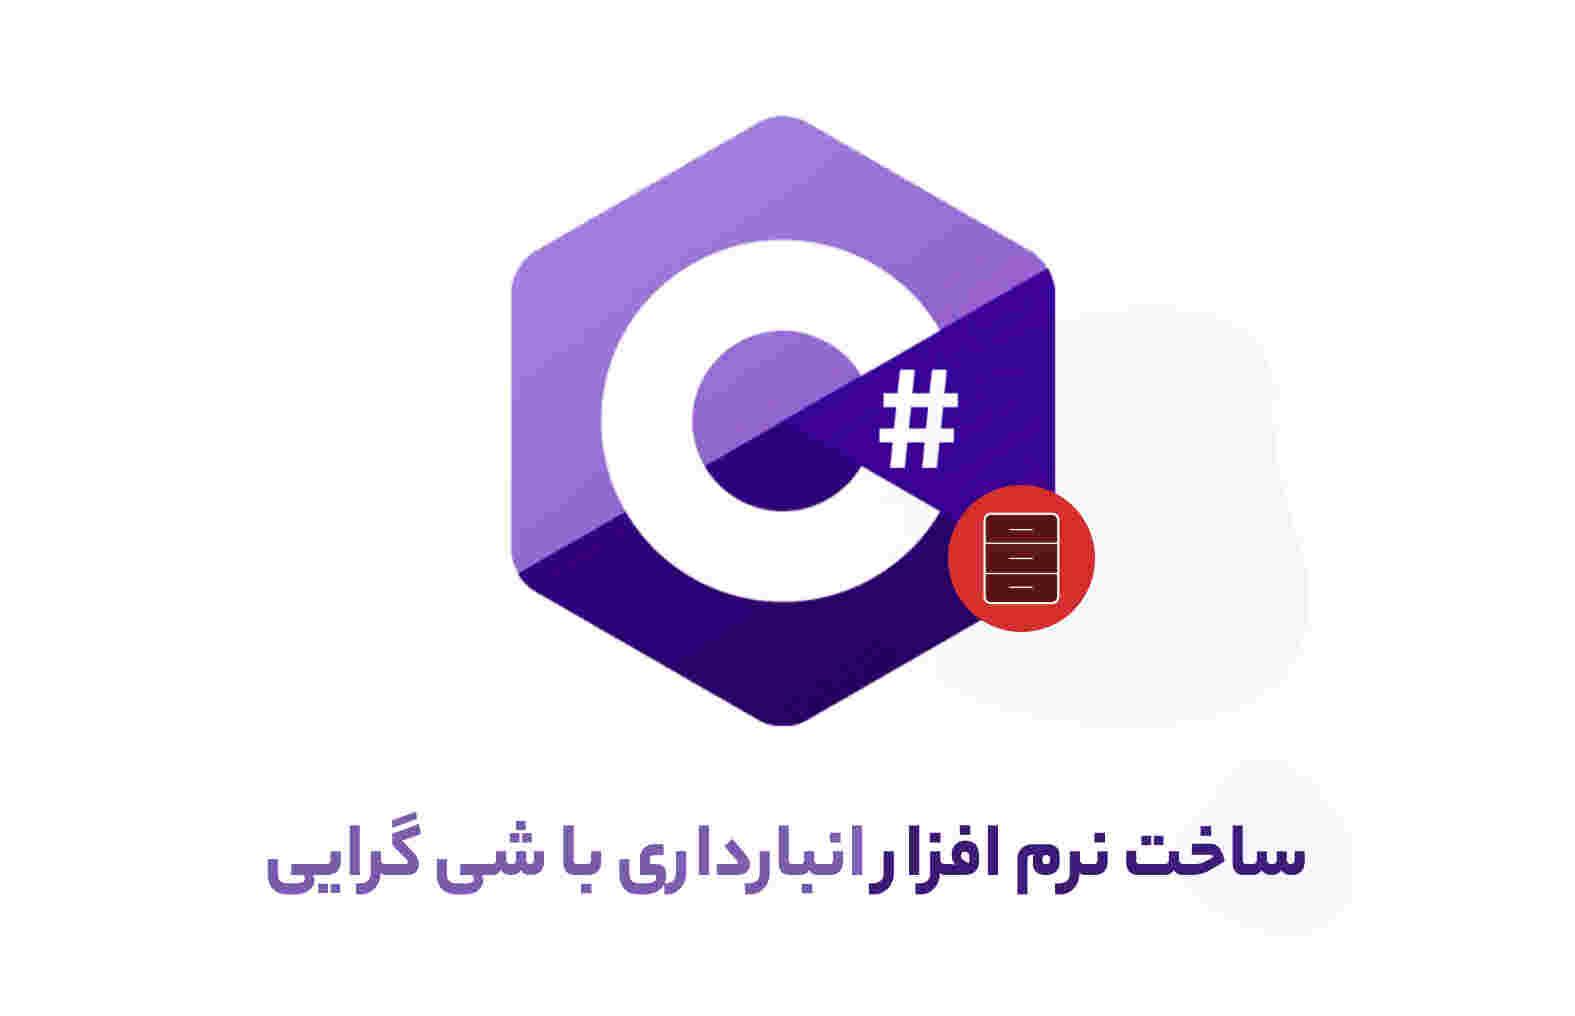 آموزش کامل شی گرایی در زبان سی شارپ در قالب ساخت نرم افزار انبارداری